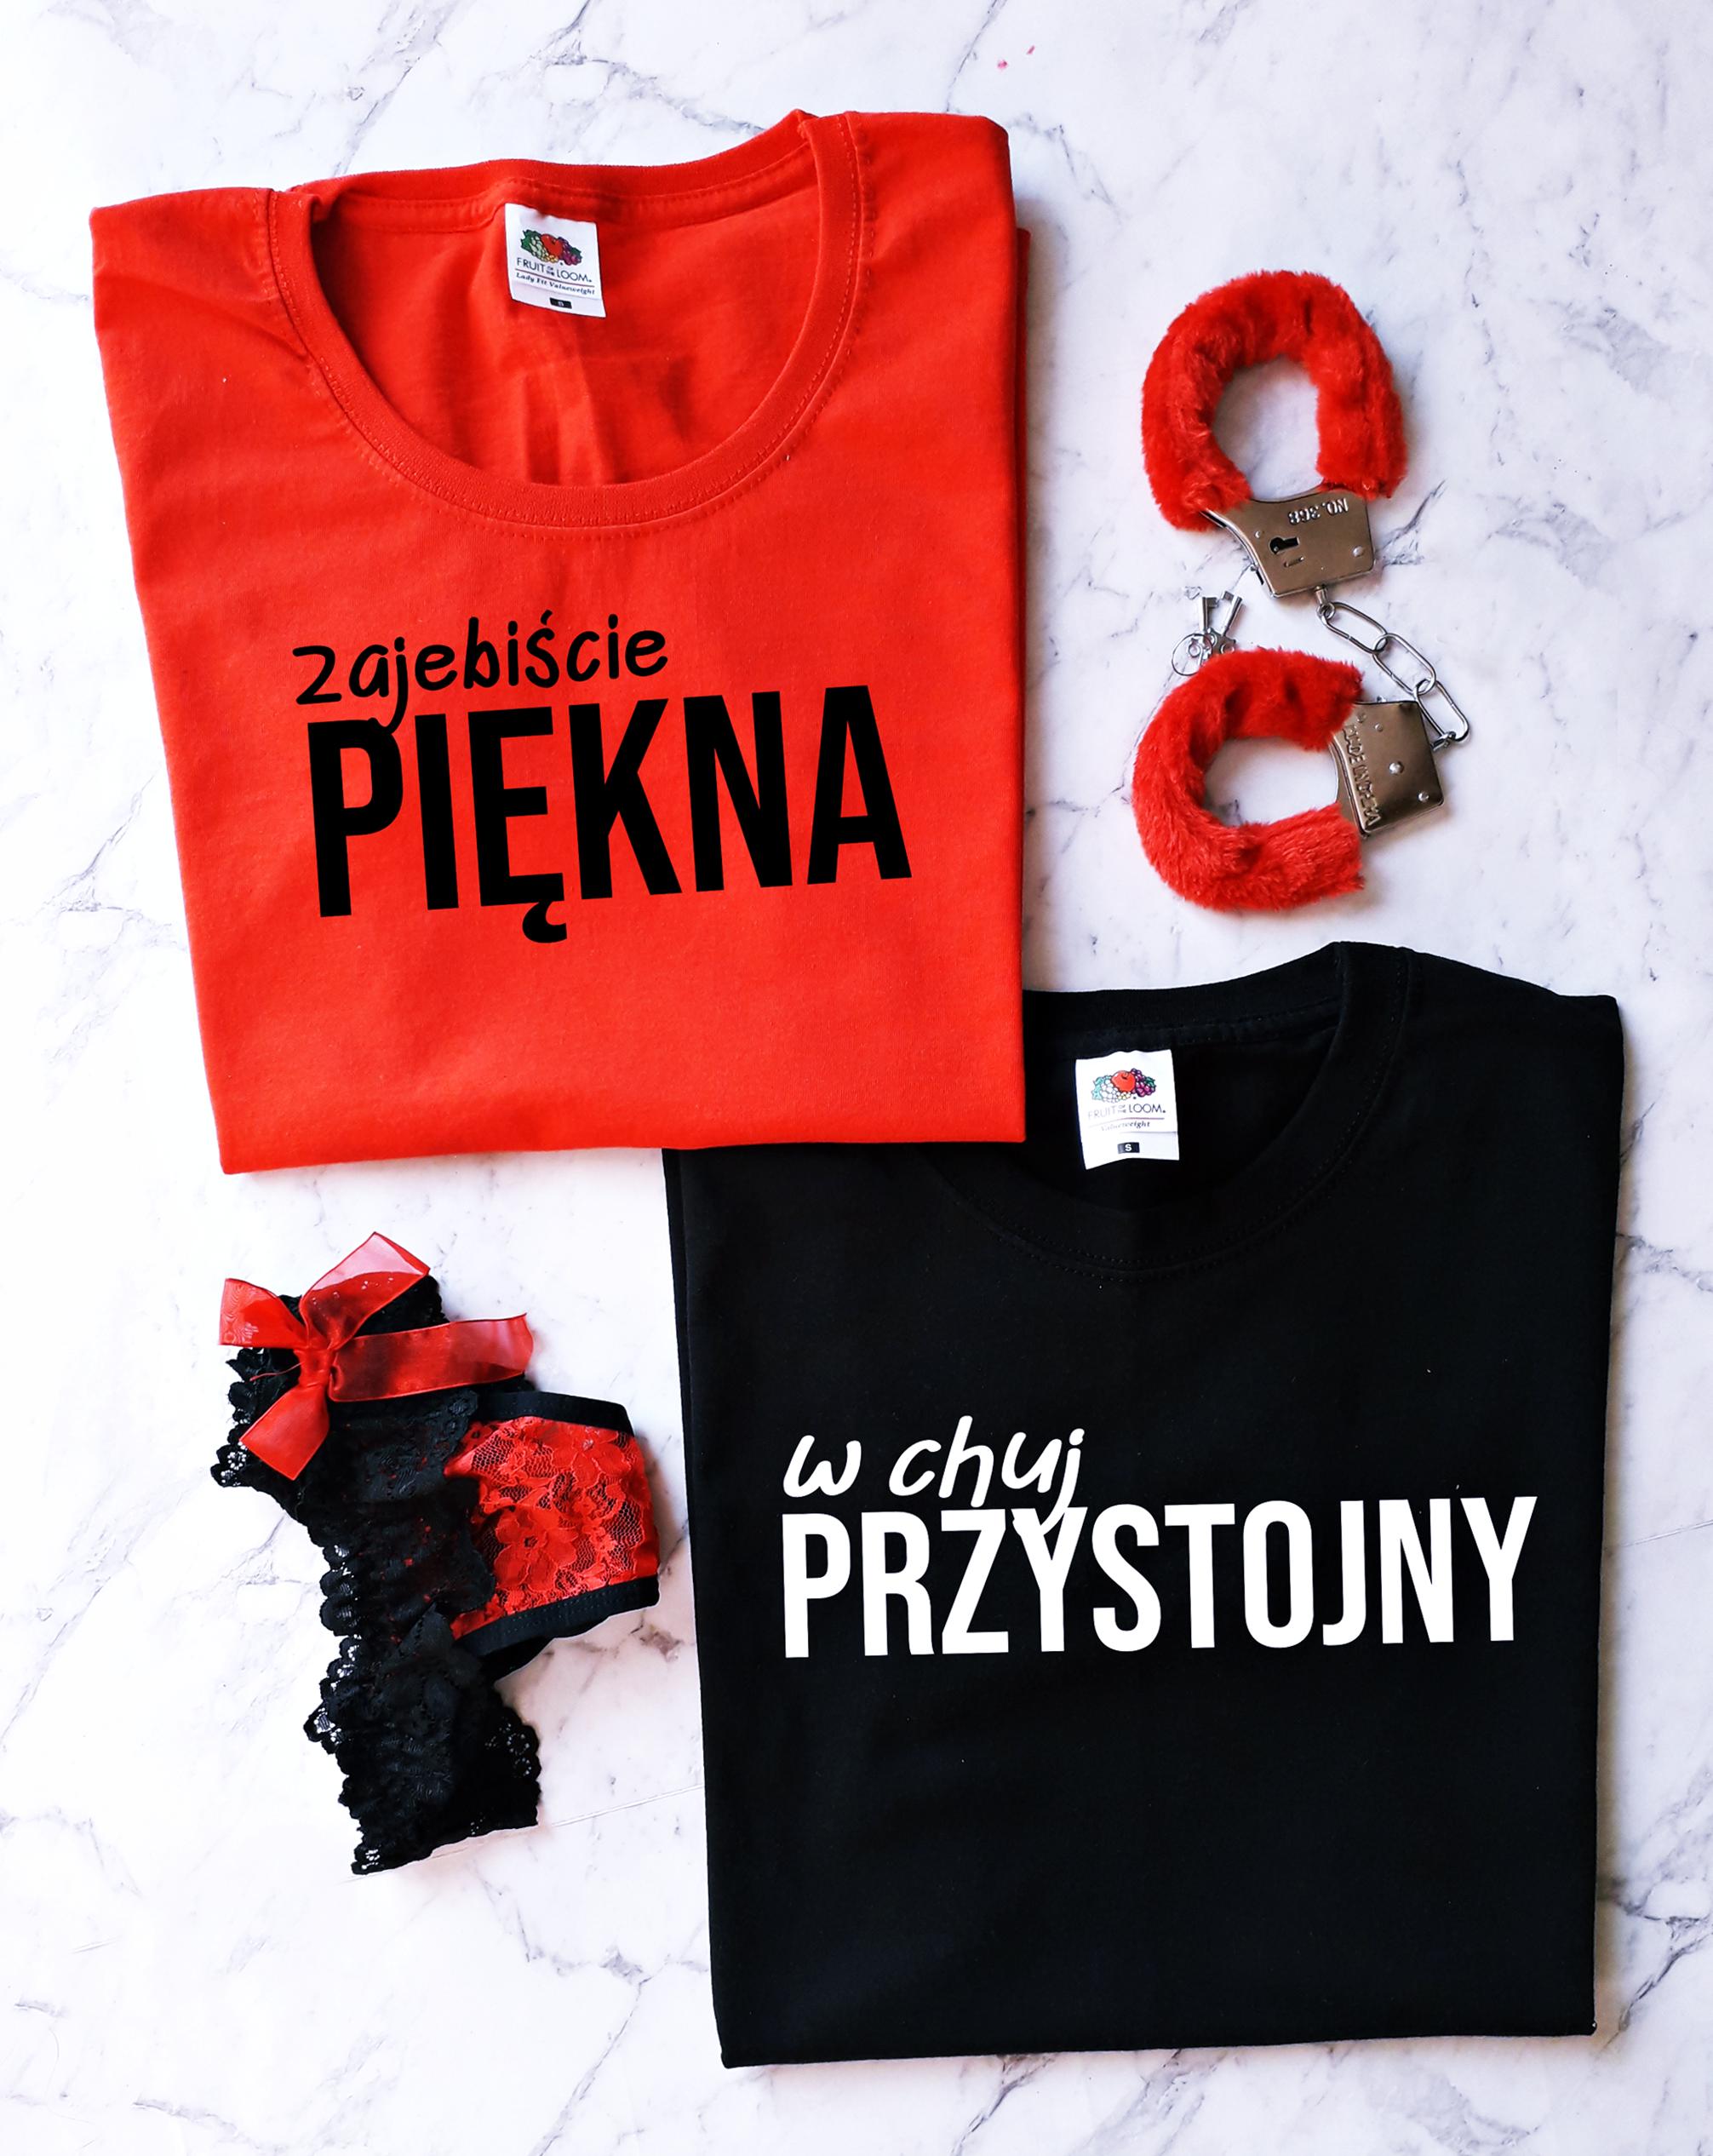 Koszulka Damska Zajebiscie Piekna Dla Par Zakochanych Dla Niej Walentynki Z Nadrukiem Fashion Tops Women S Top